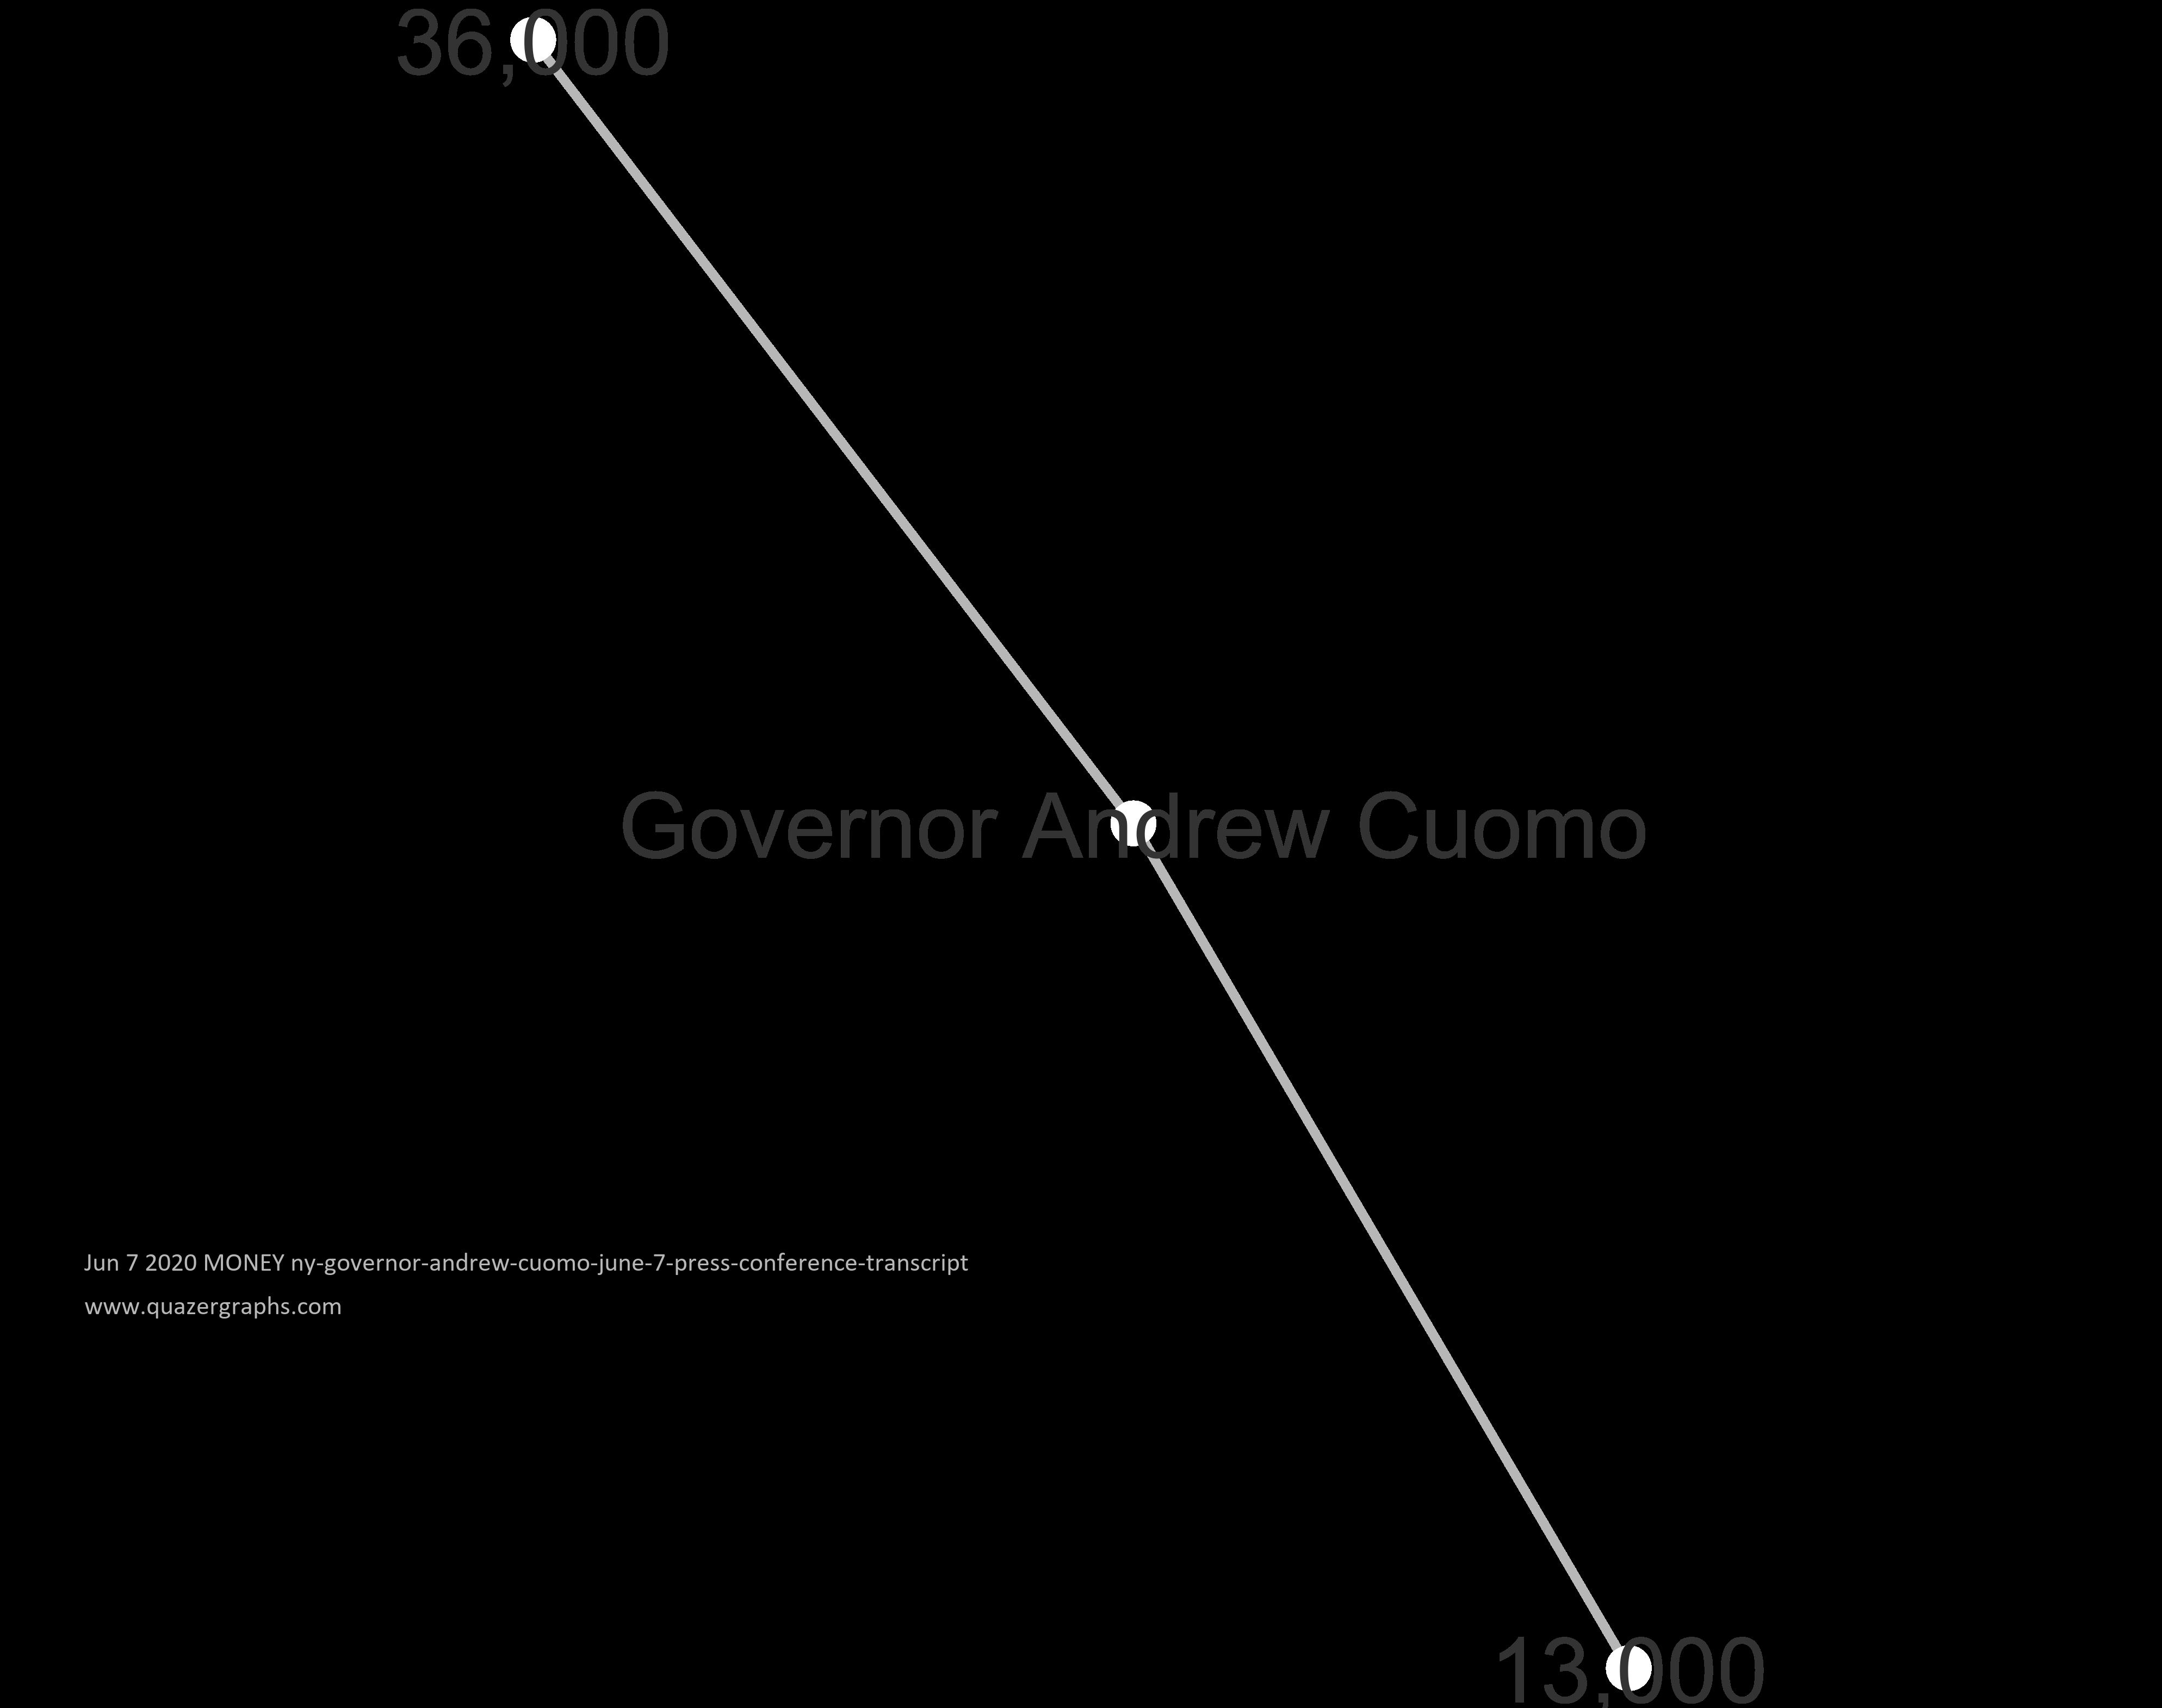 Jun 7 2020 MONEY ny-governor-andrew-cuomo-june-7-press-conference-transcript